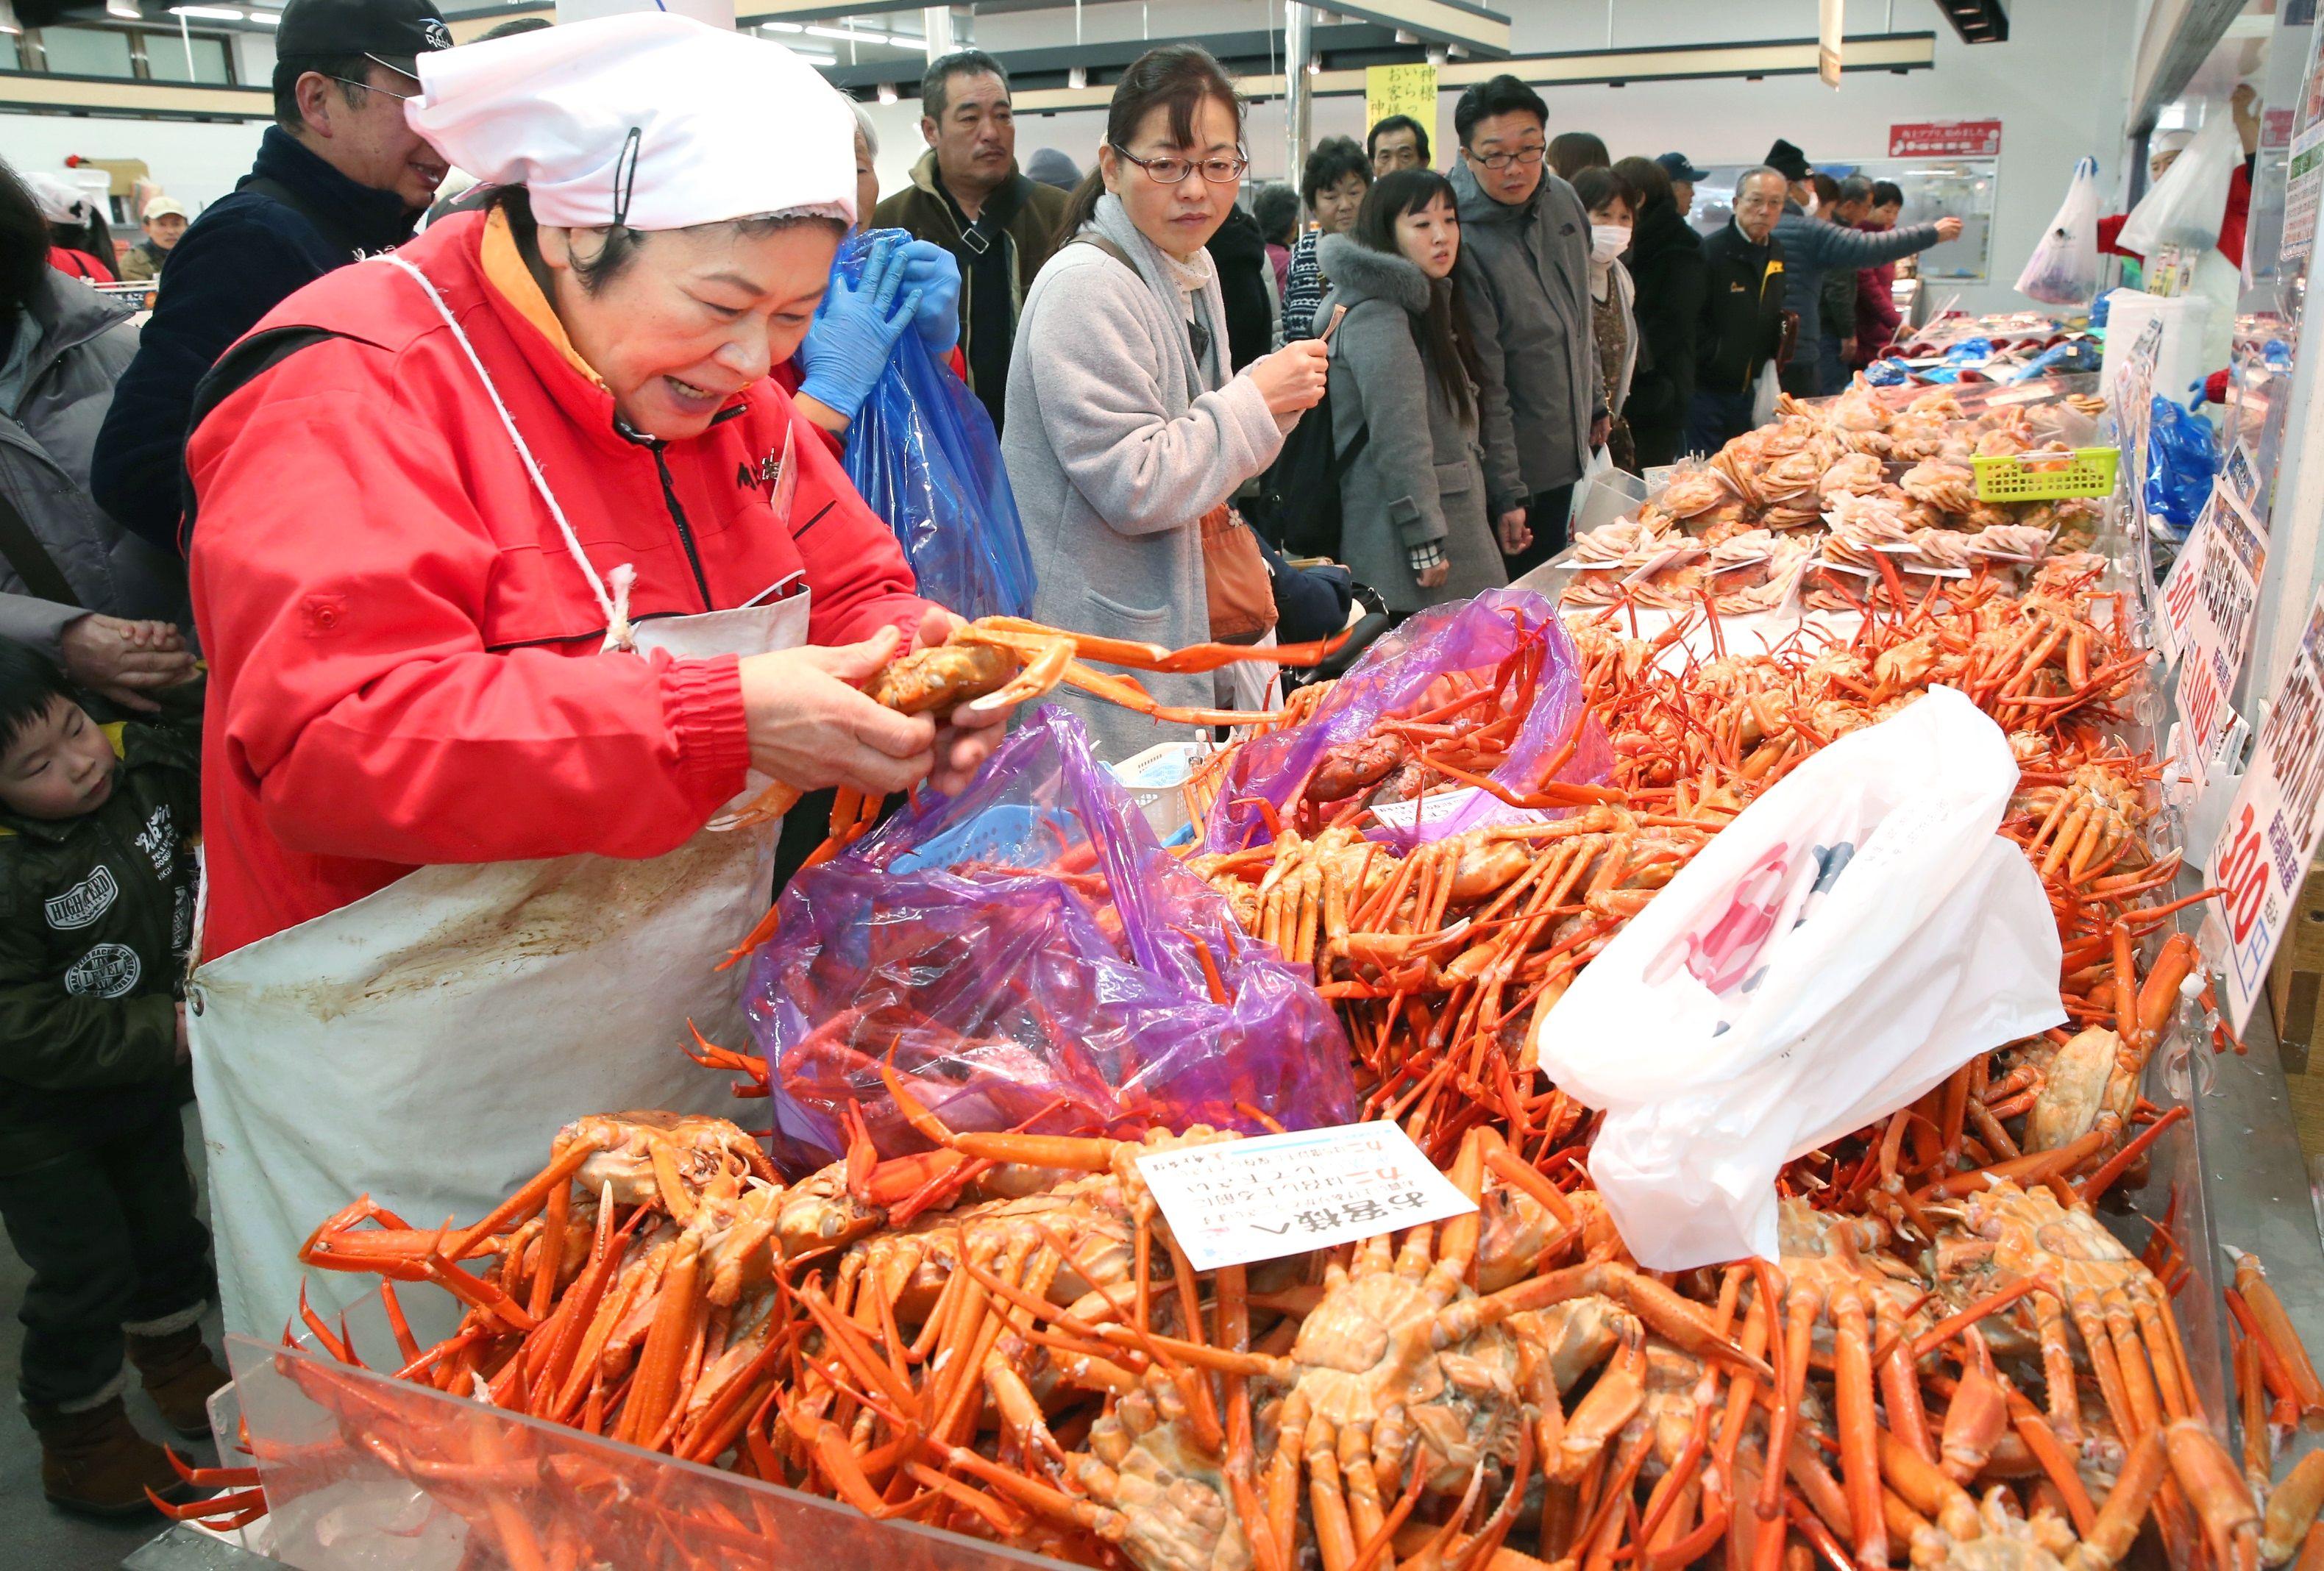 年末年始用の食材を求める買い物客でにぎわった魚の市場通り=29日、長岡市寺泊下荒町